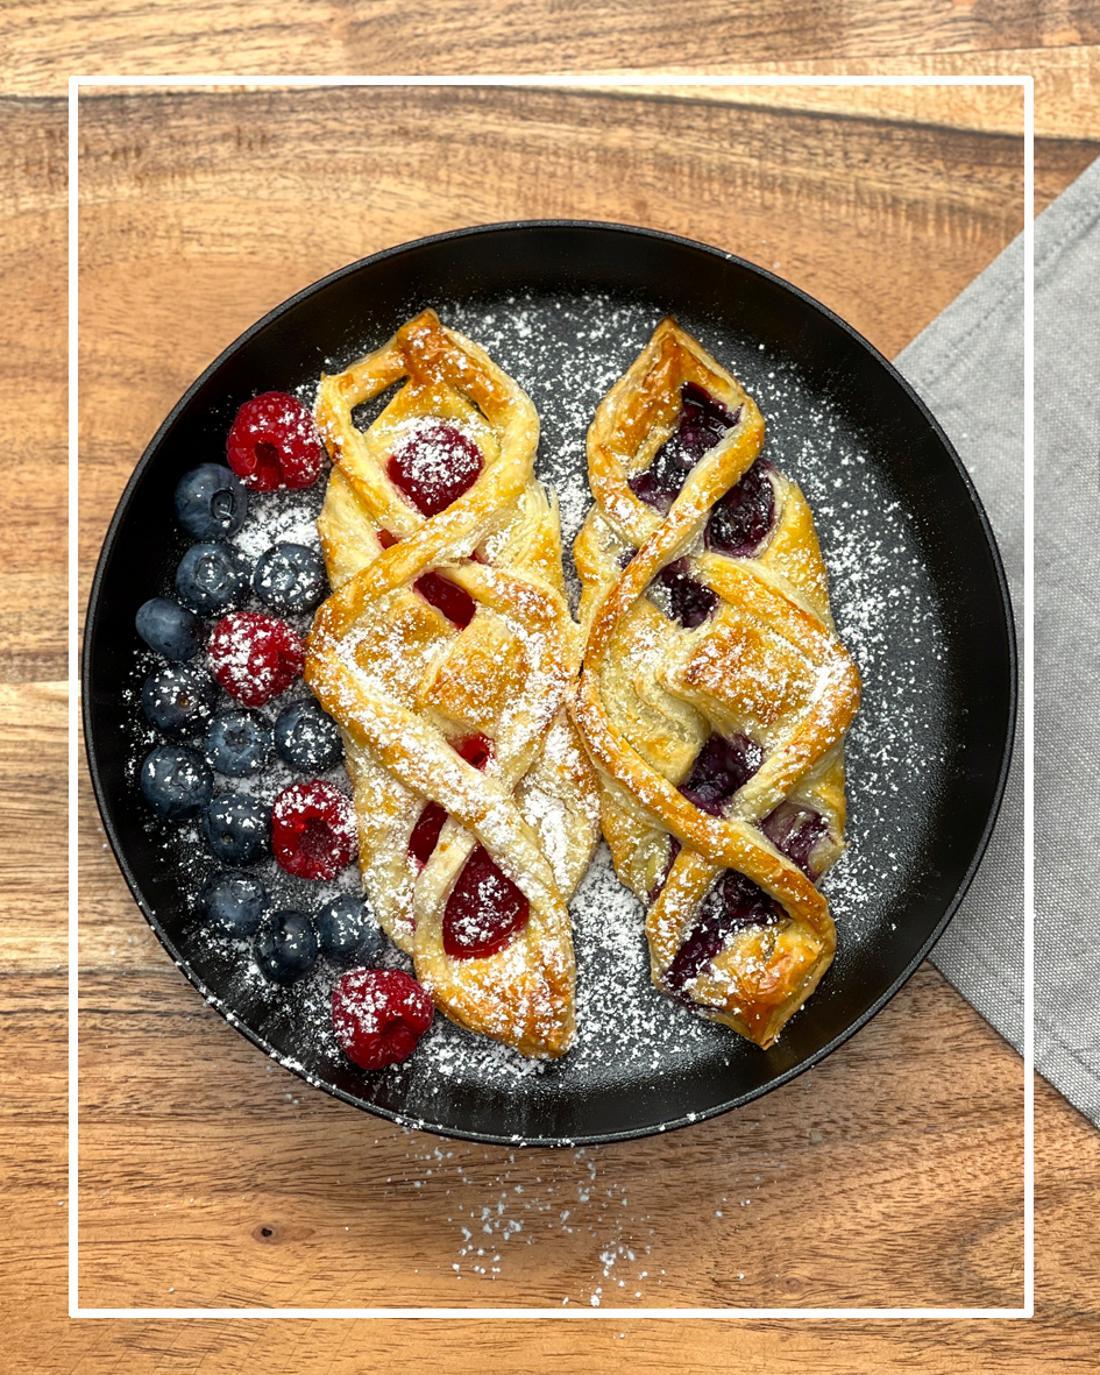 Ein Teller, auf dem zwei Blätterteigzöpfe mit Beeren liegen. Über diese ist Puderzucker gestreut.